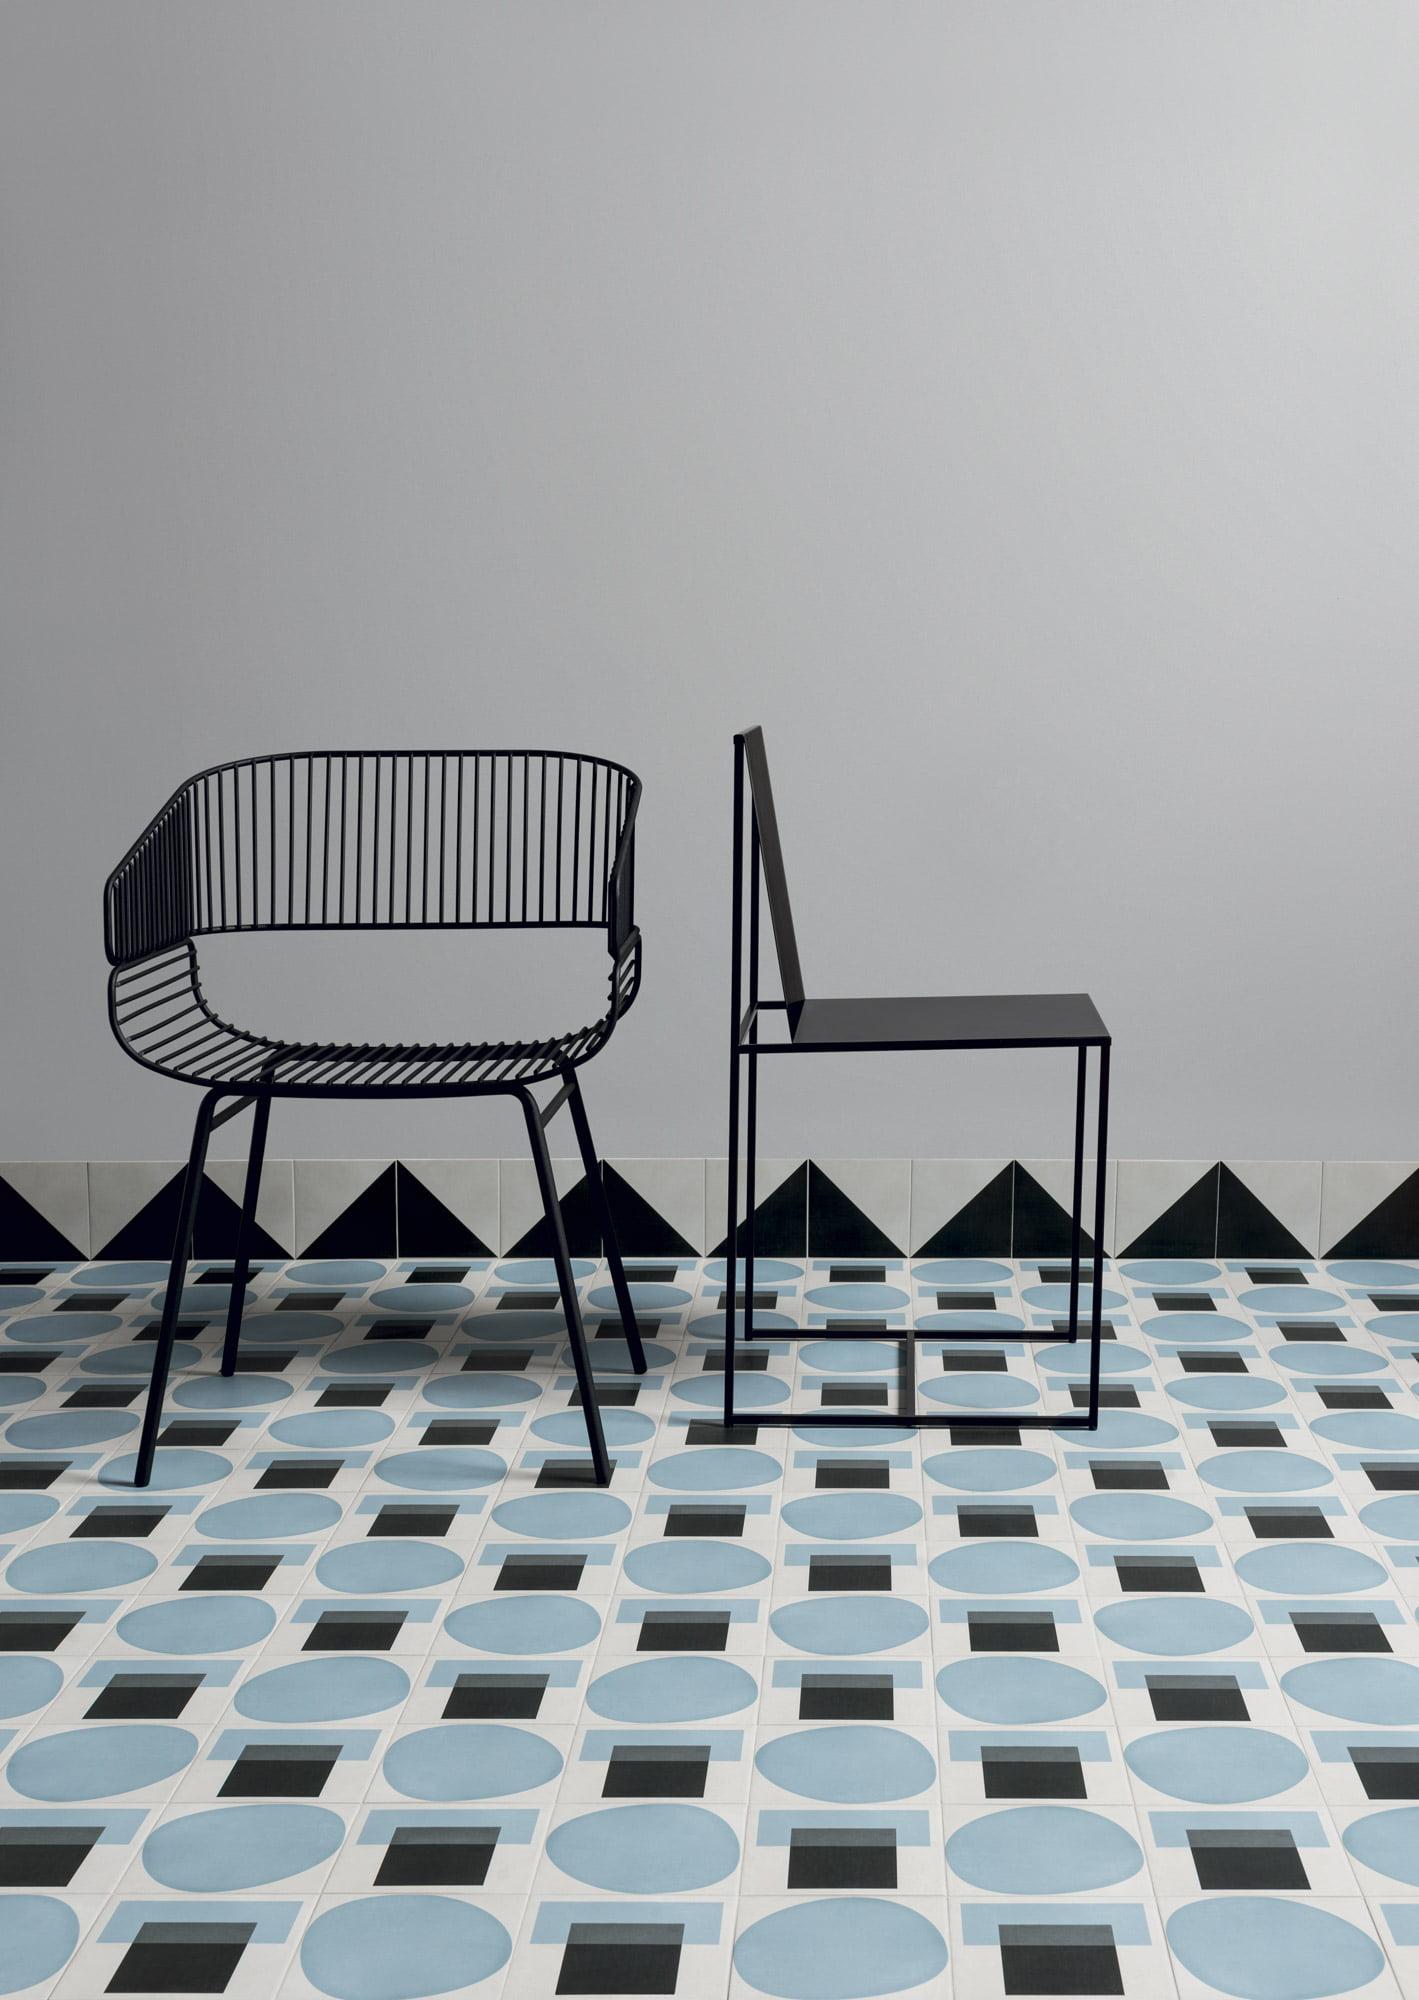 """Wall Futura Half Black - Floor Futura T Blue - Futura Drop Blue 15x15 6""""x6"""""""